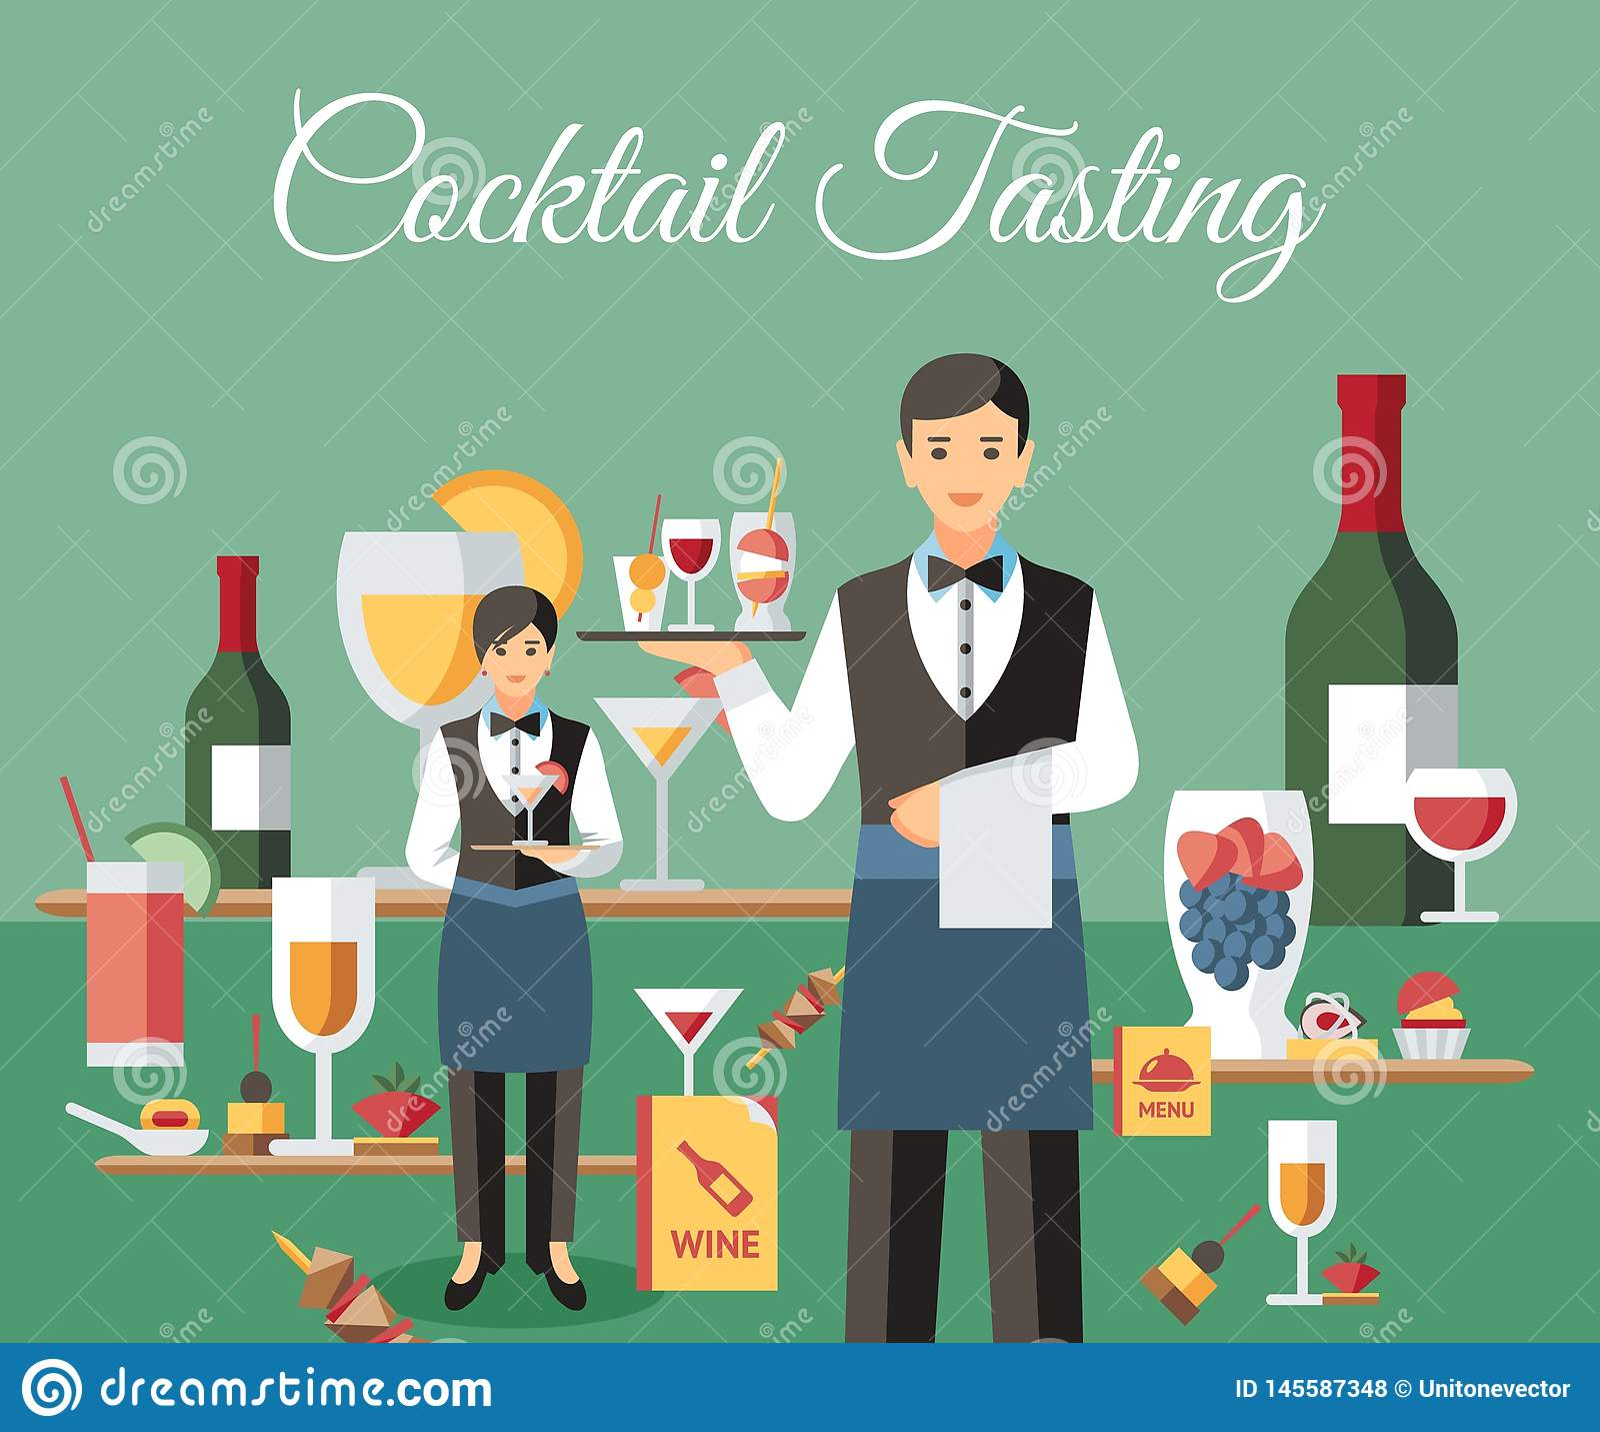 Cocktail-Probieren-Fahnen-flache Vektor-Illustration